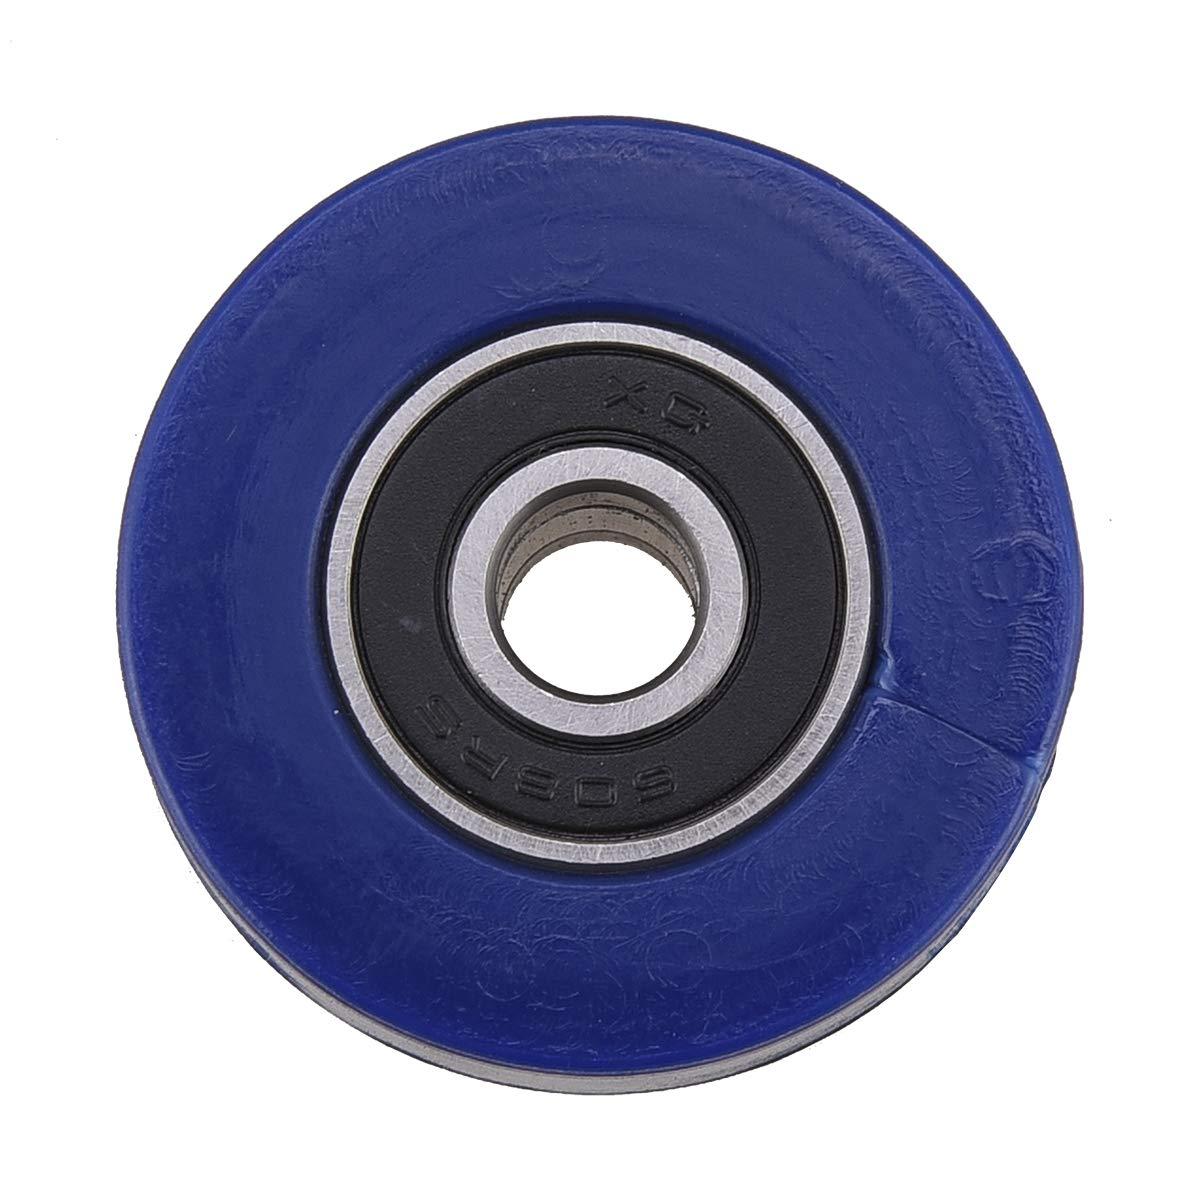 PRO CAKEN Chain Roller Pulley Slider Tensioner Wheel Guide for Pit Dirt Mini Bike 8mm (Blue)